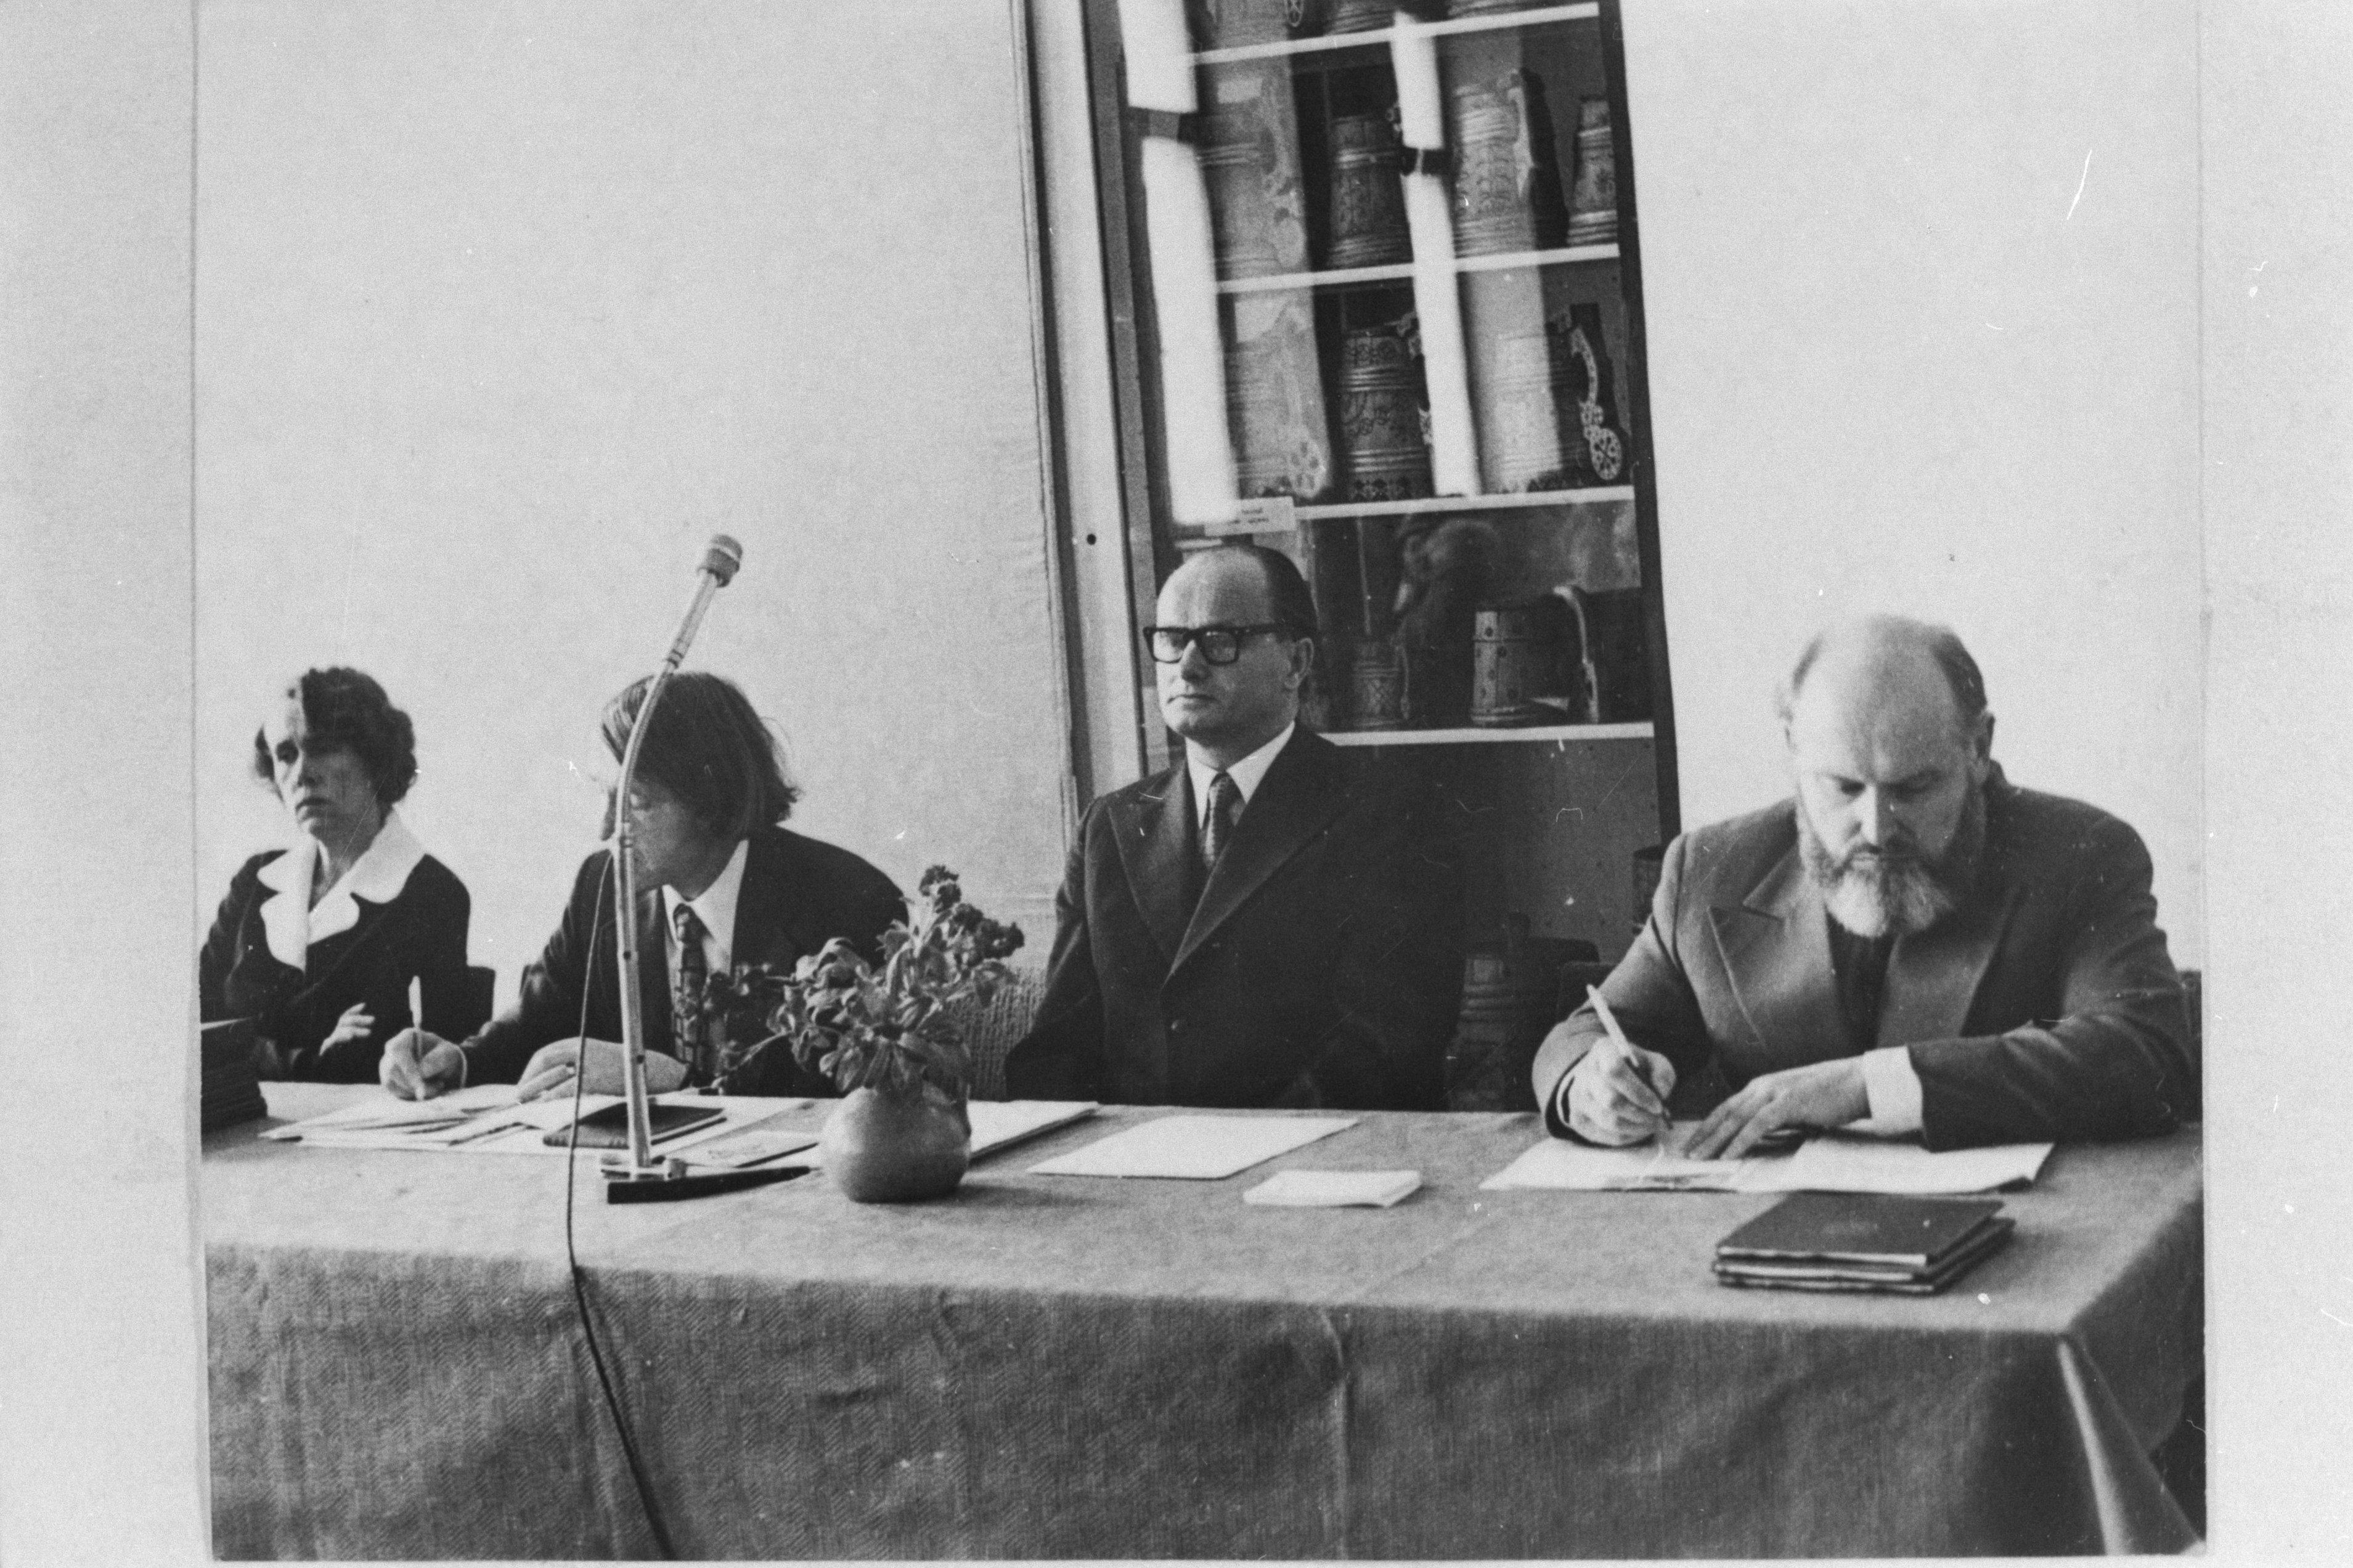 EFA.311.0-94875. Muuseumi teaduskonverents 14.apr. 1976, paremalt direktor Aleksei Peterson ja teaduslik sekretär Jüri Linnus